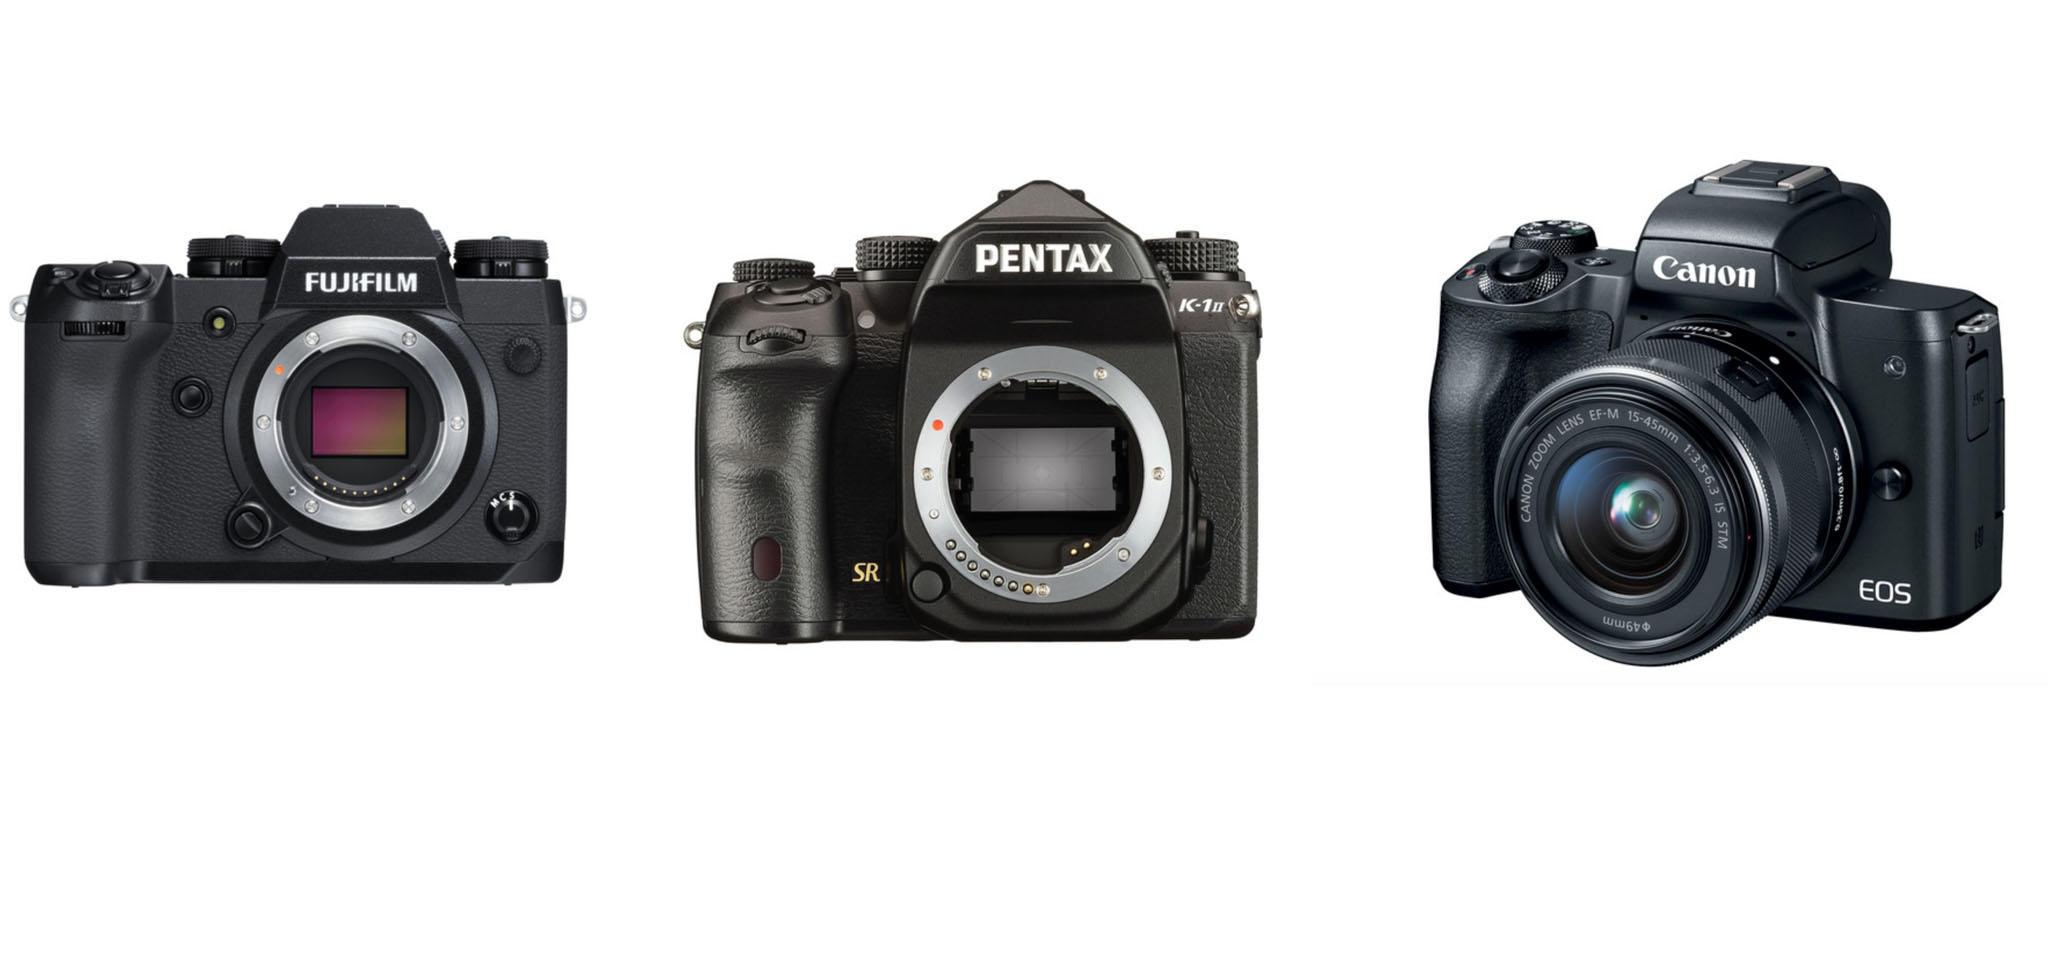 http://thedigitalstory.com/2018/02/27/3-Cameras-web.jpg